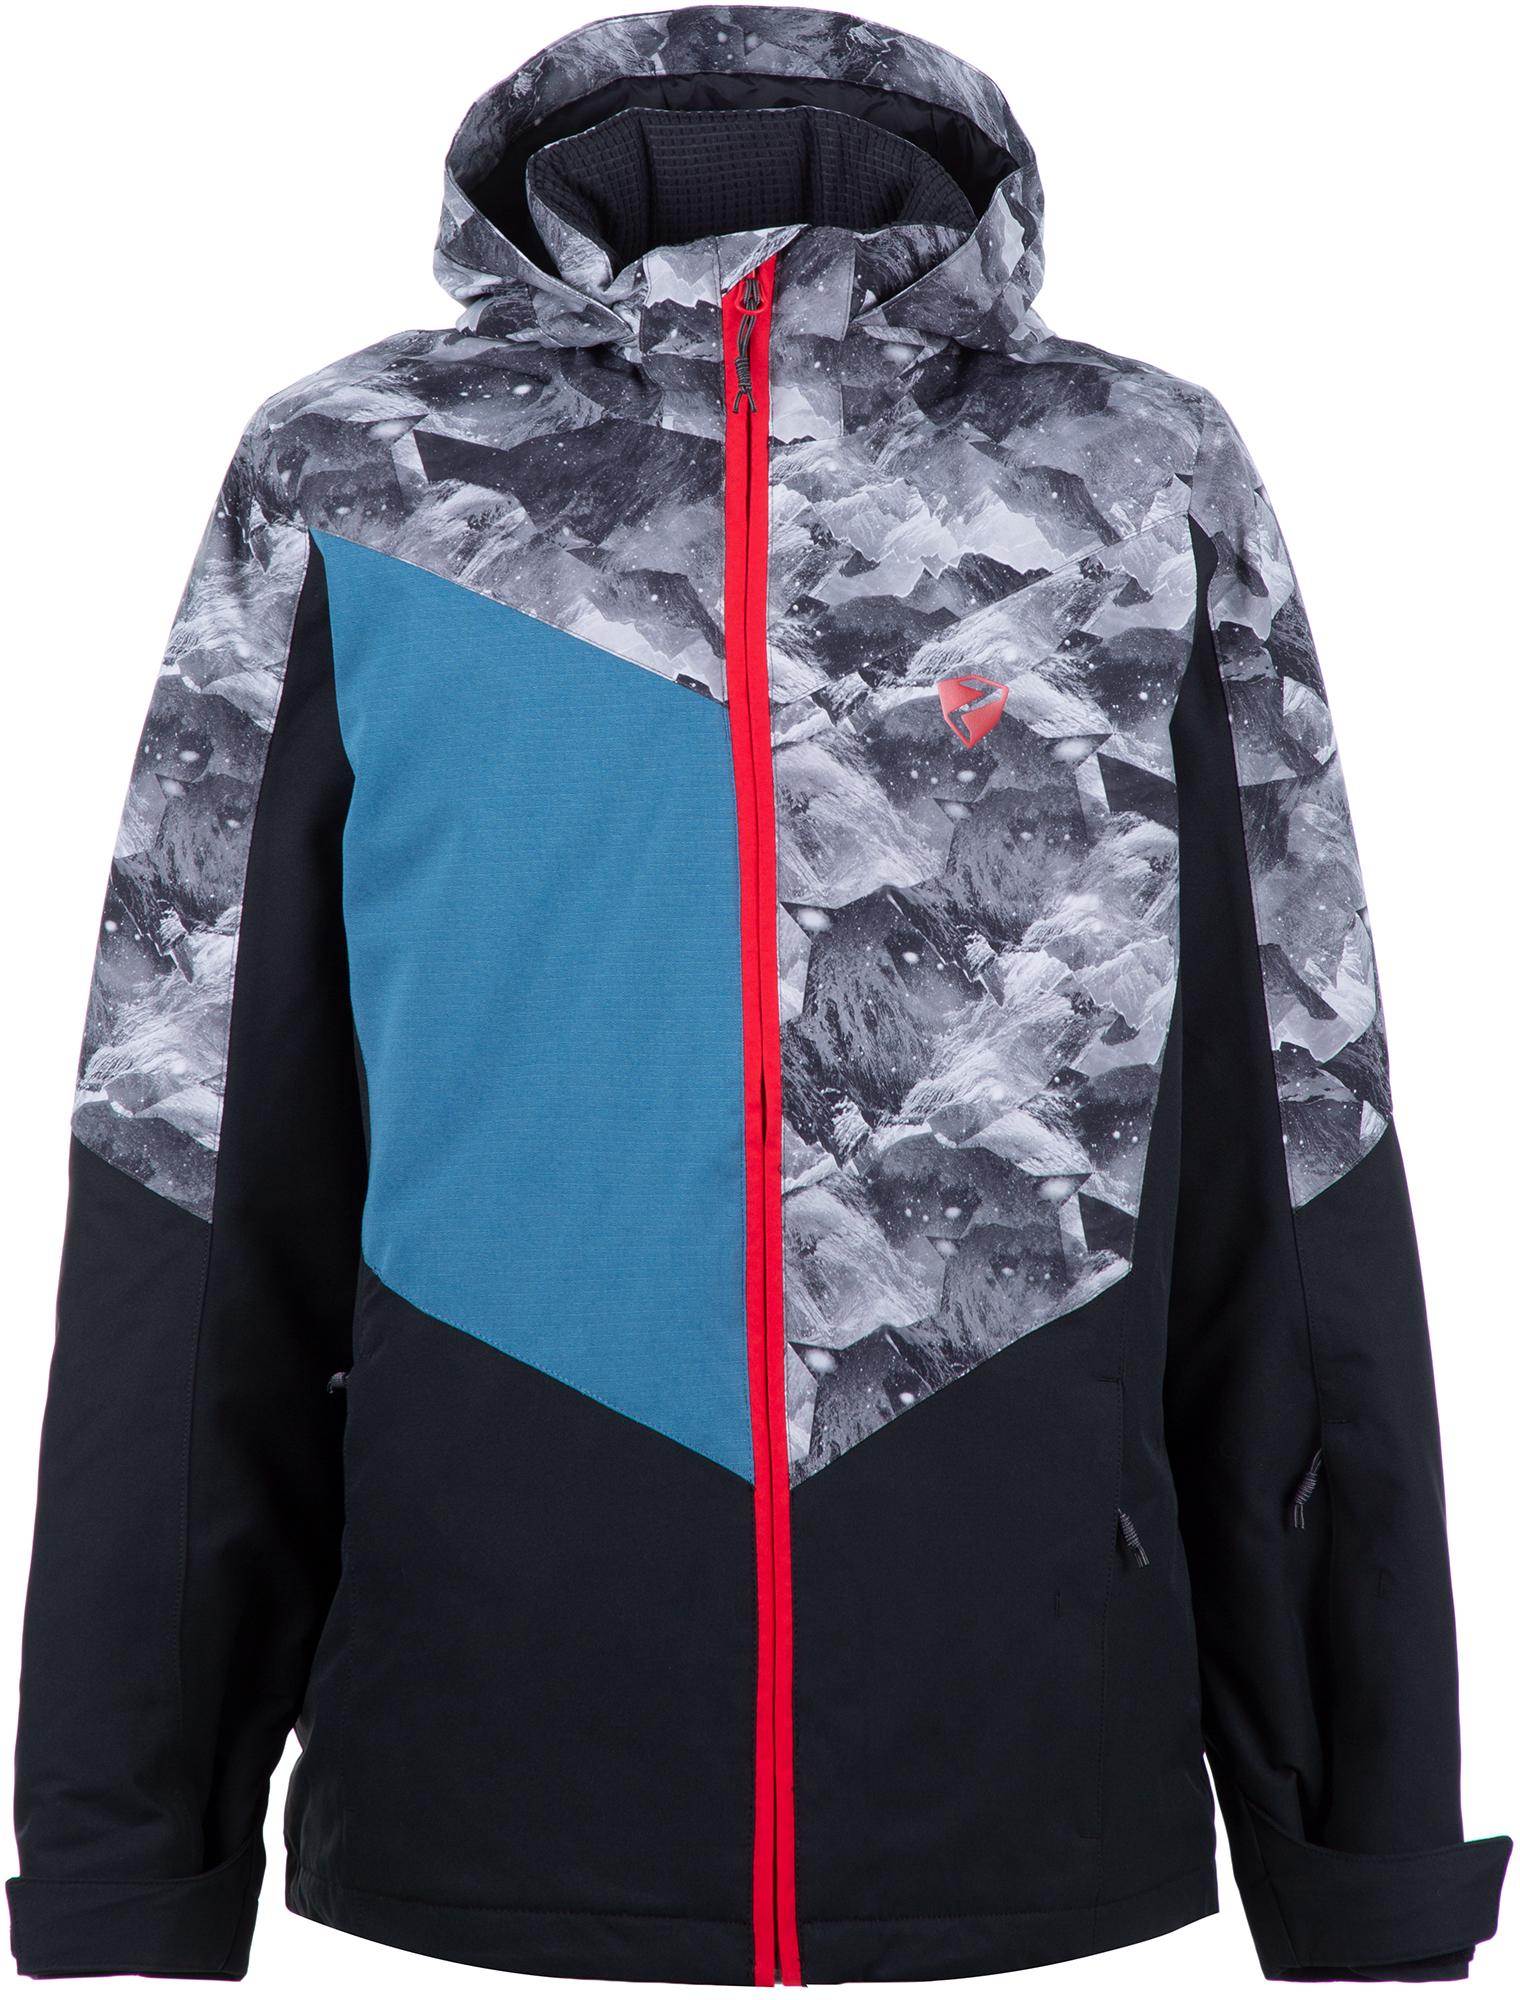 Ziener Куртка утепленная для мальчиков Avan, размер 176